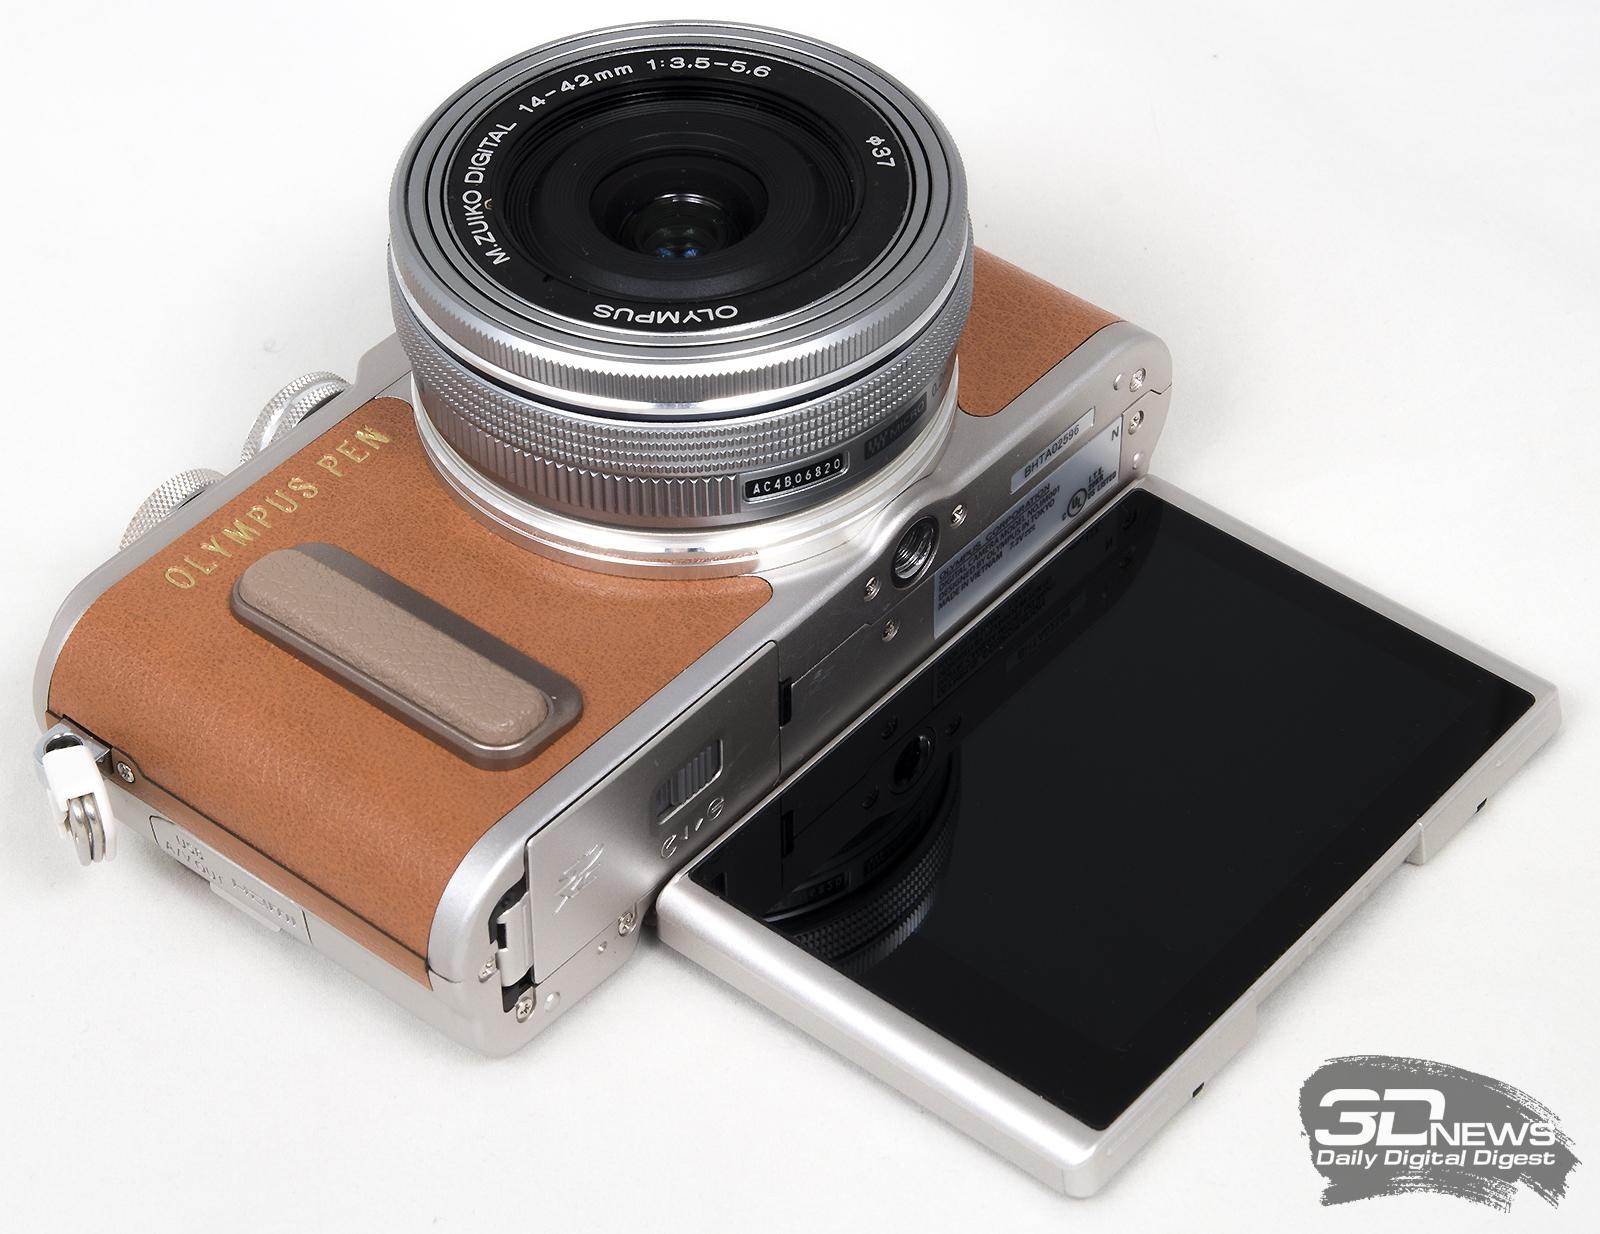 Программу работы цифровой камерой